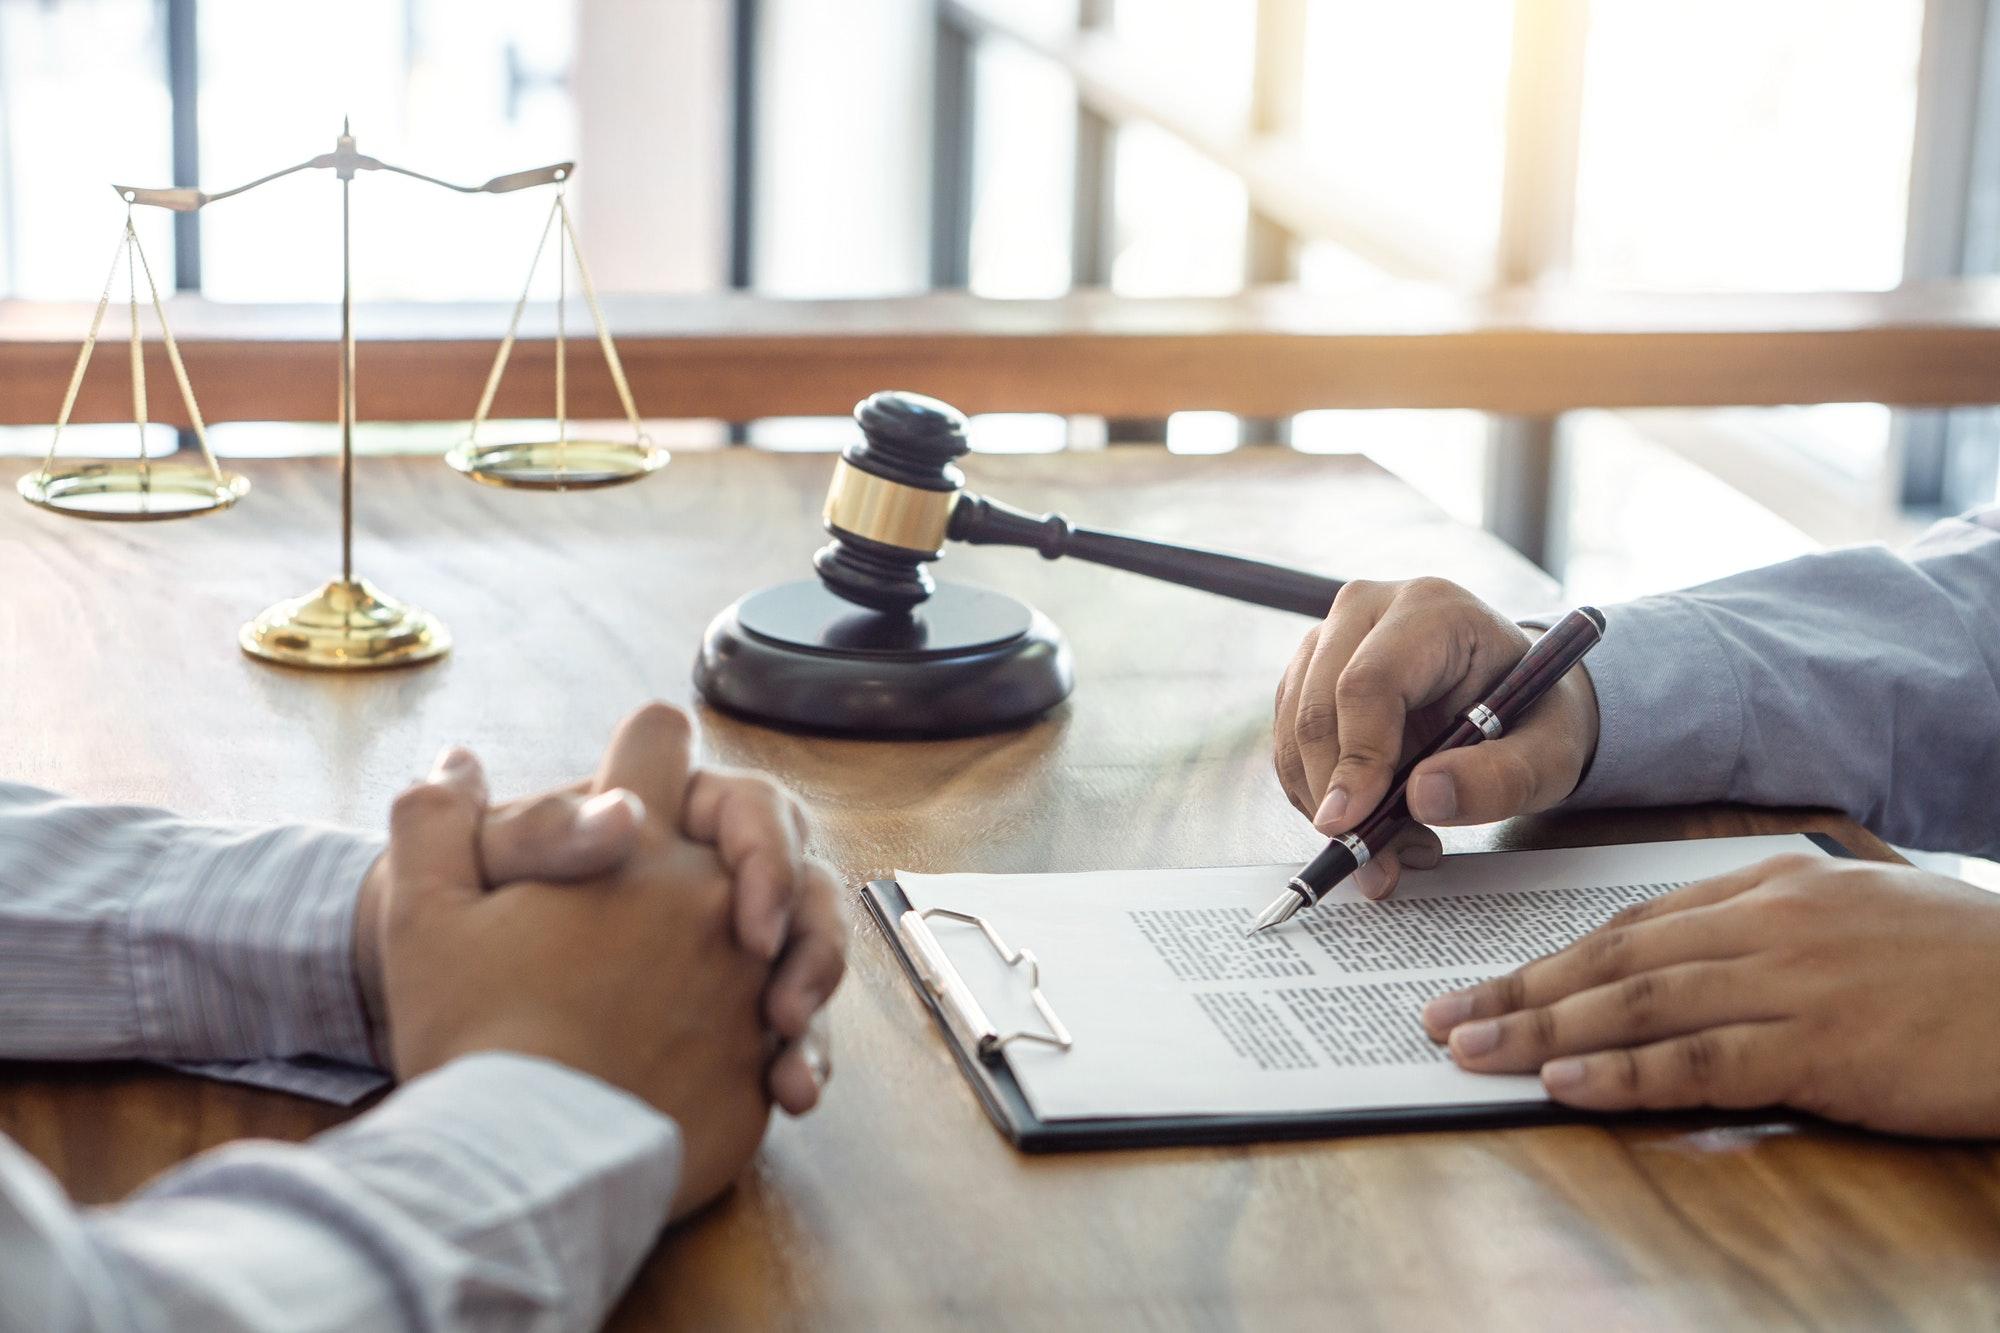 entreprises-avocat-droit-travail-contentieux-securite-sociale-agn-avocats.jpg